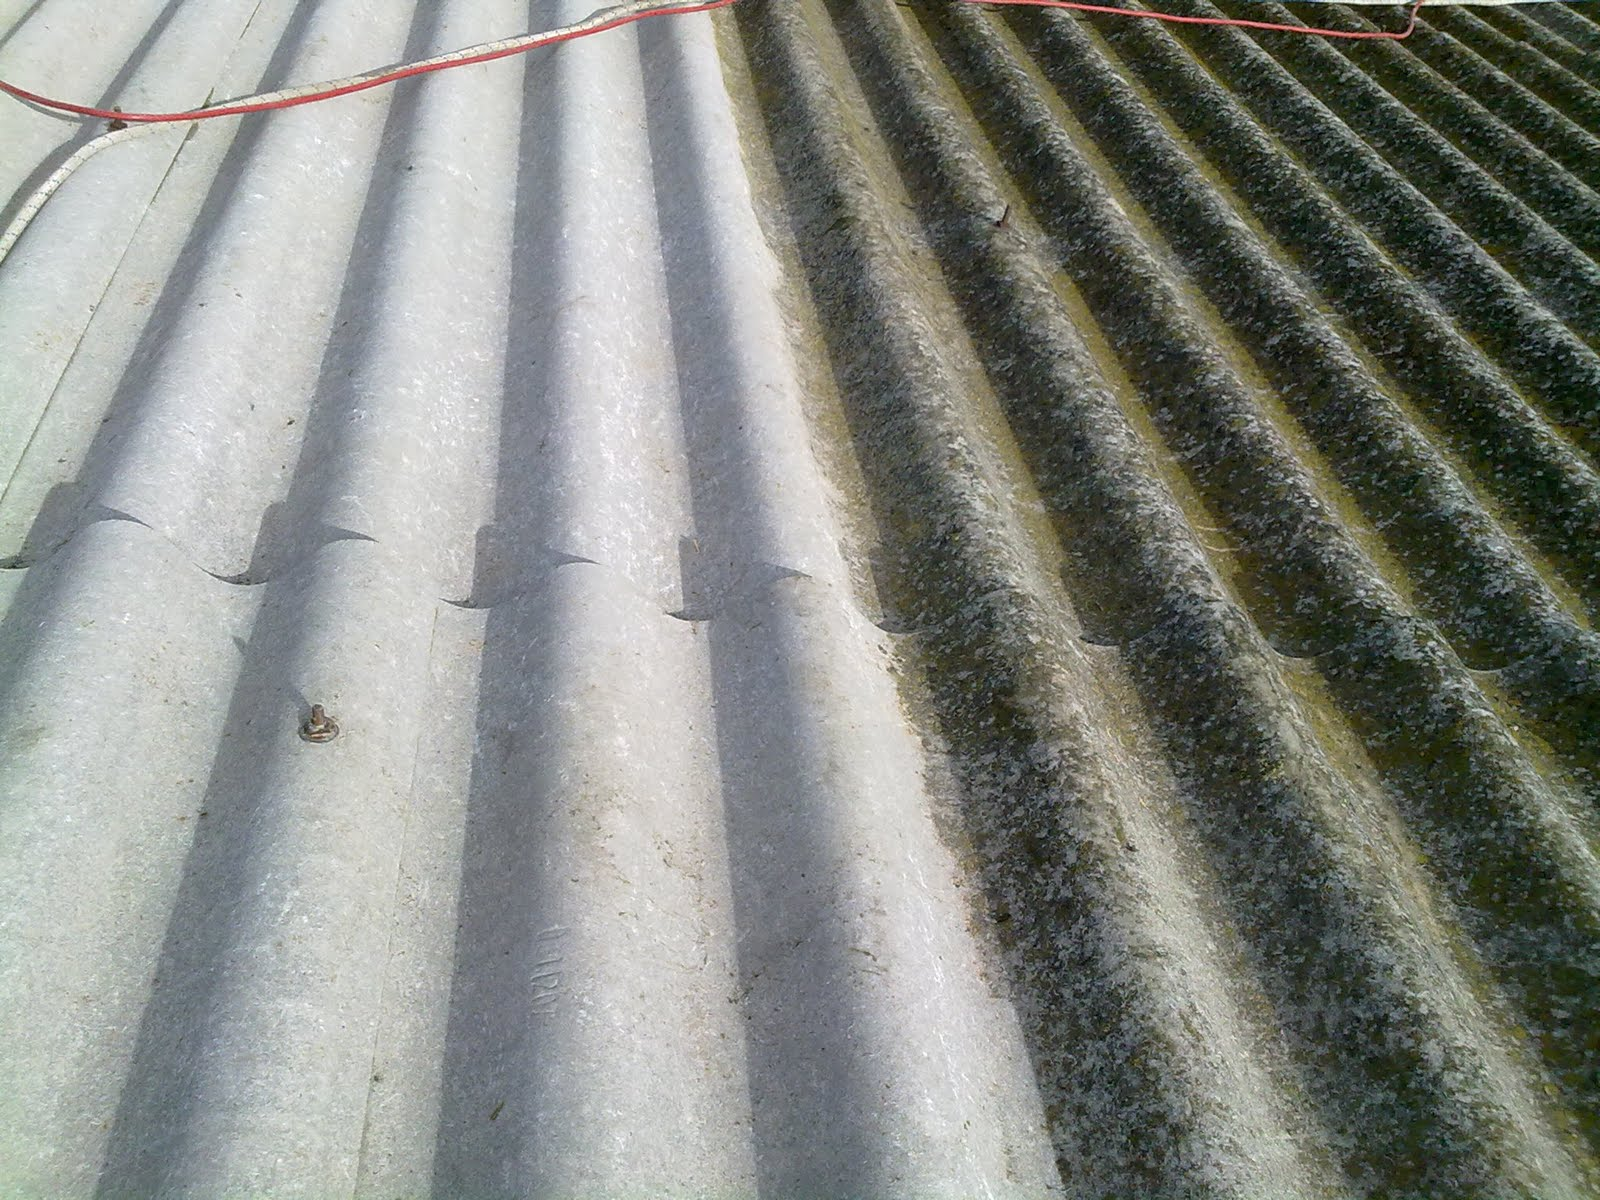 Reparar uralita reparar techo de uralita limpiar placas - Cambiar tejado casa antigua ...